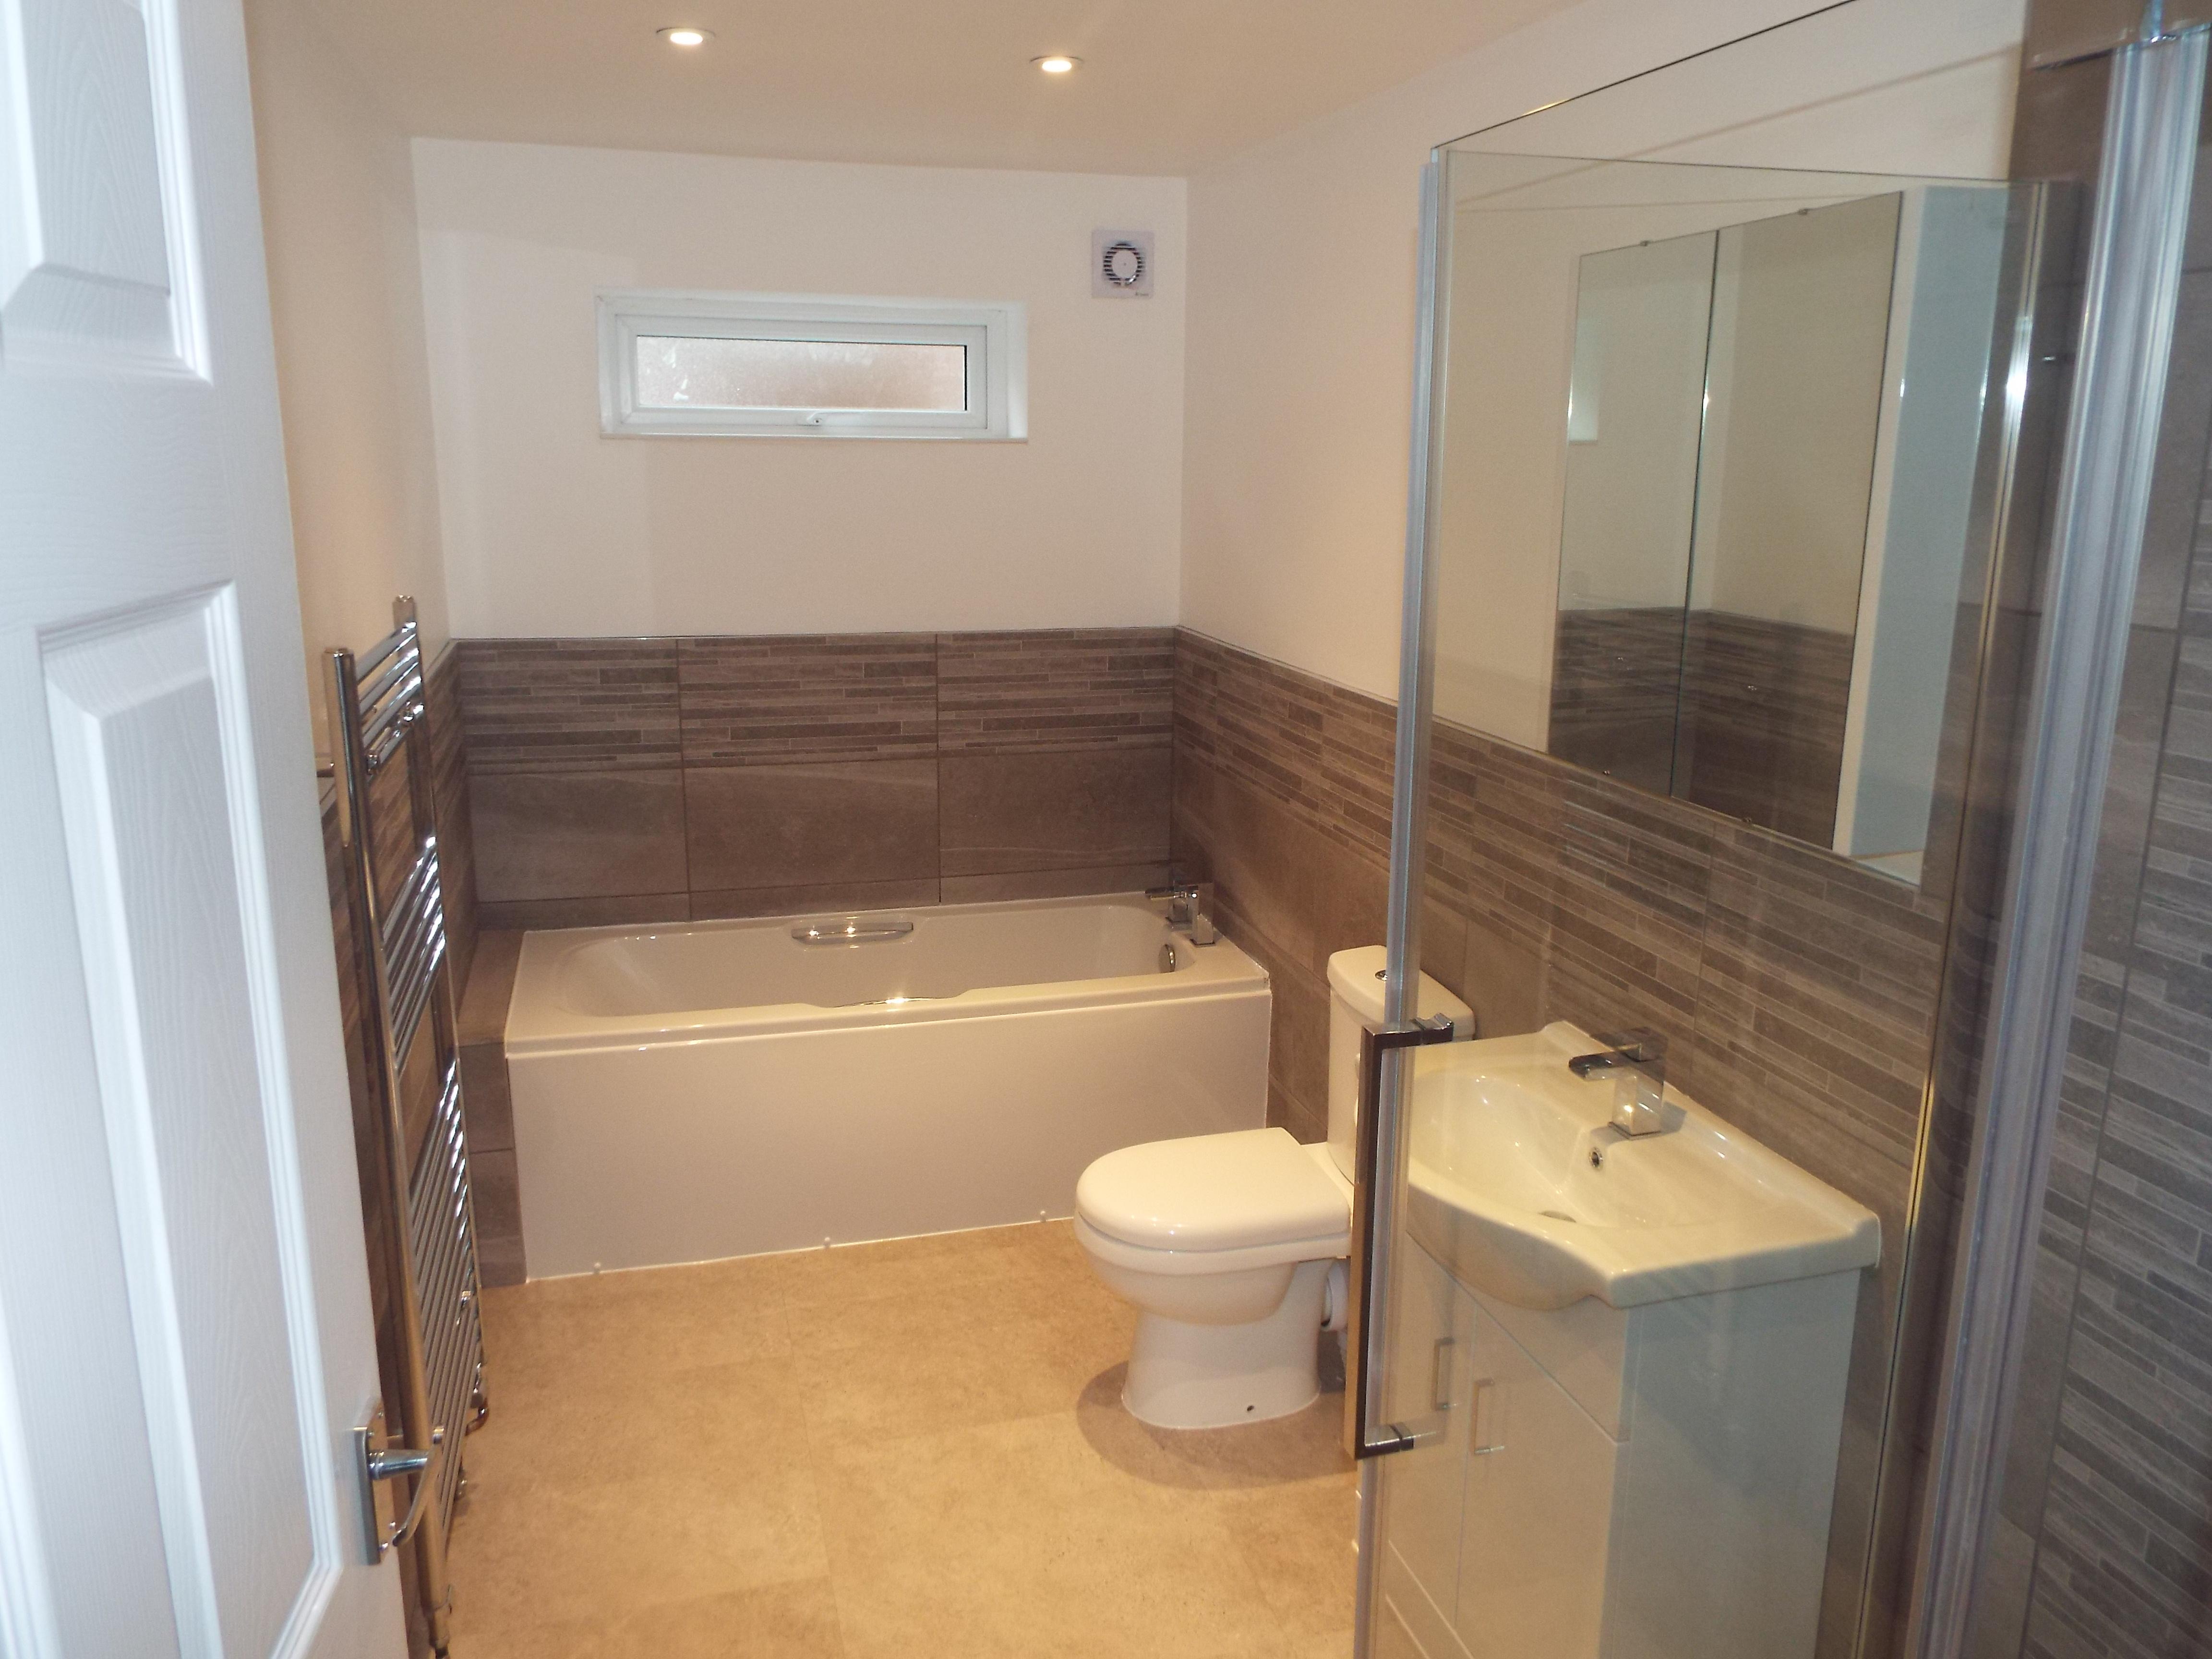 Abbeyville bathroom